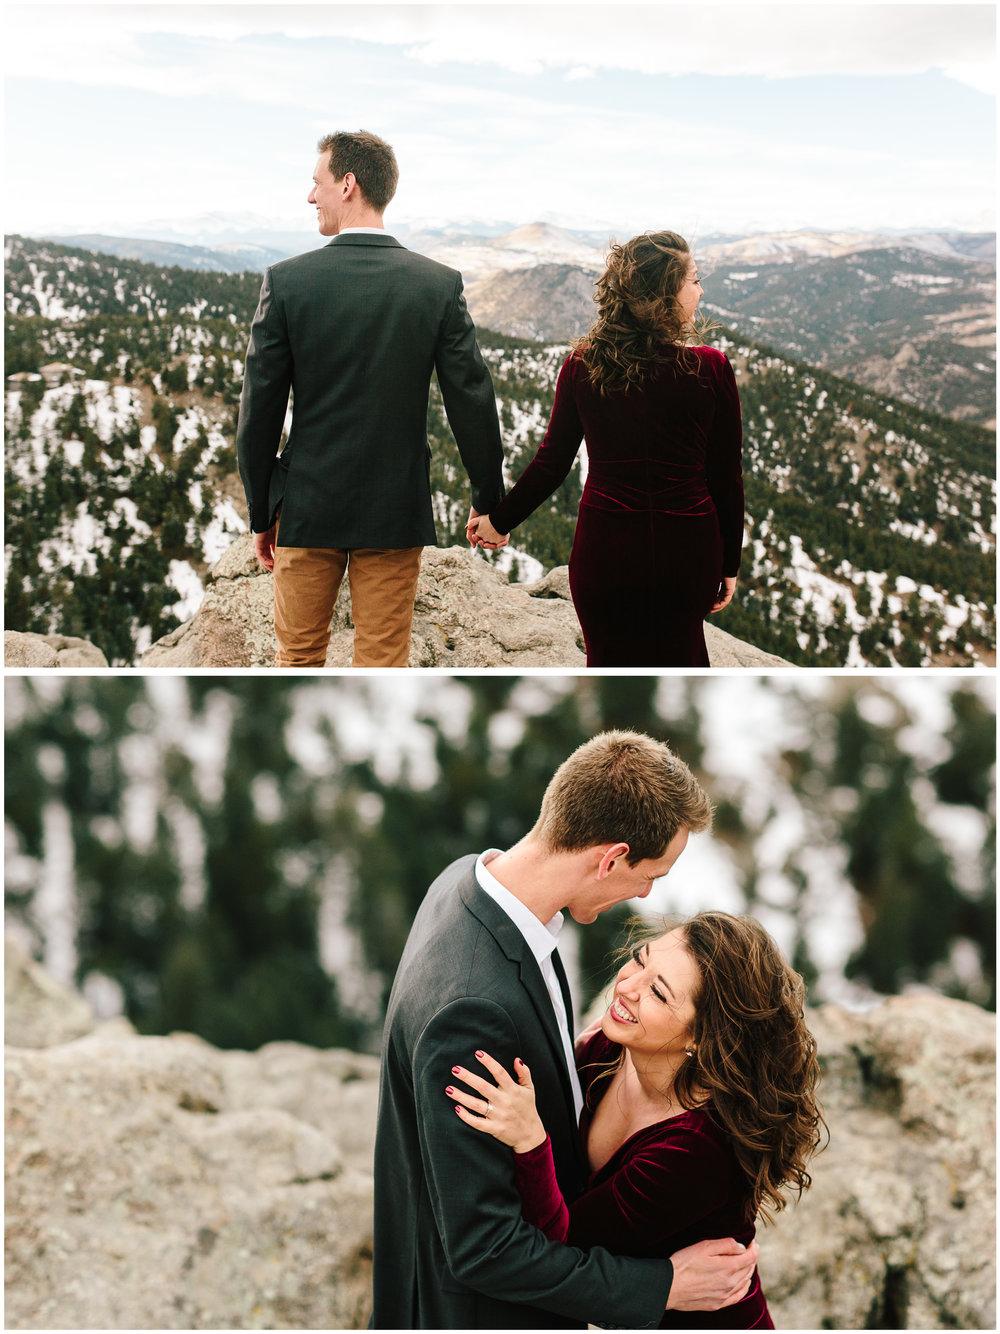 Denver_Colorado_Engagement_19.jpg